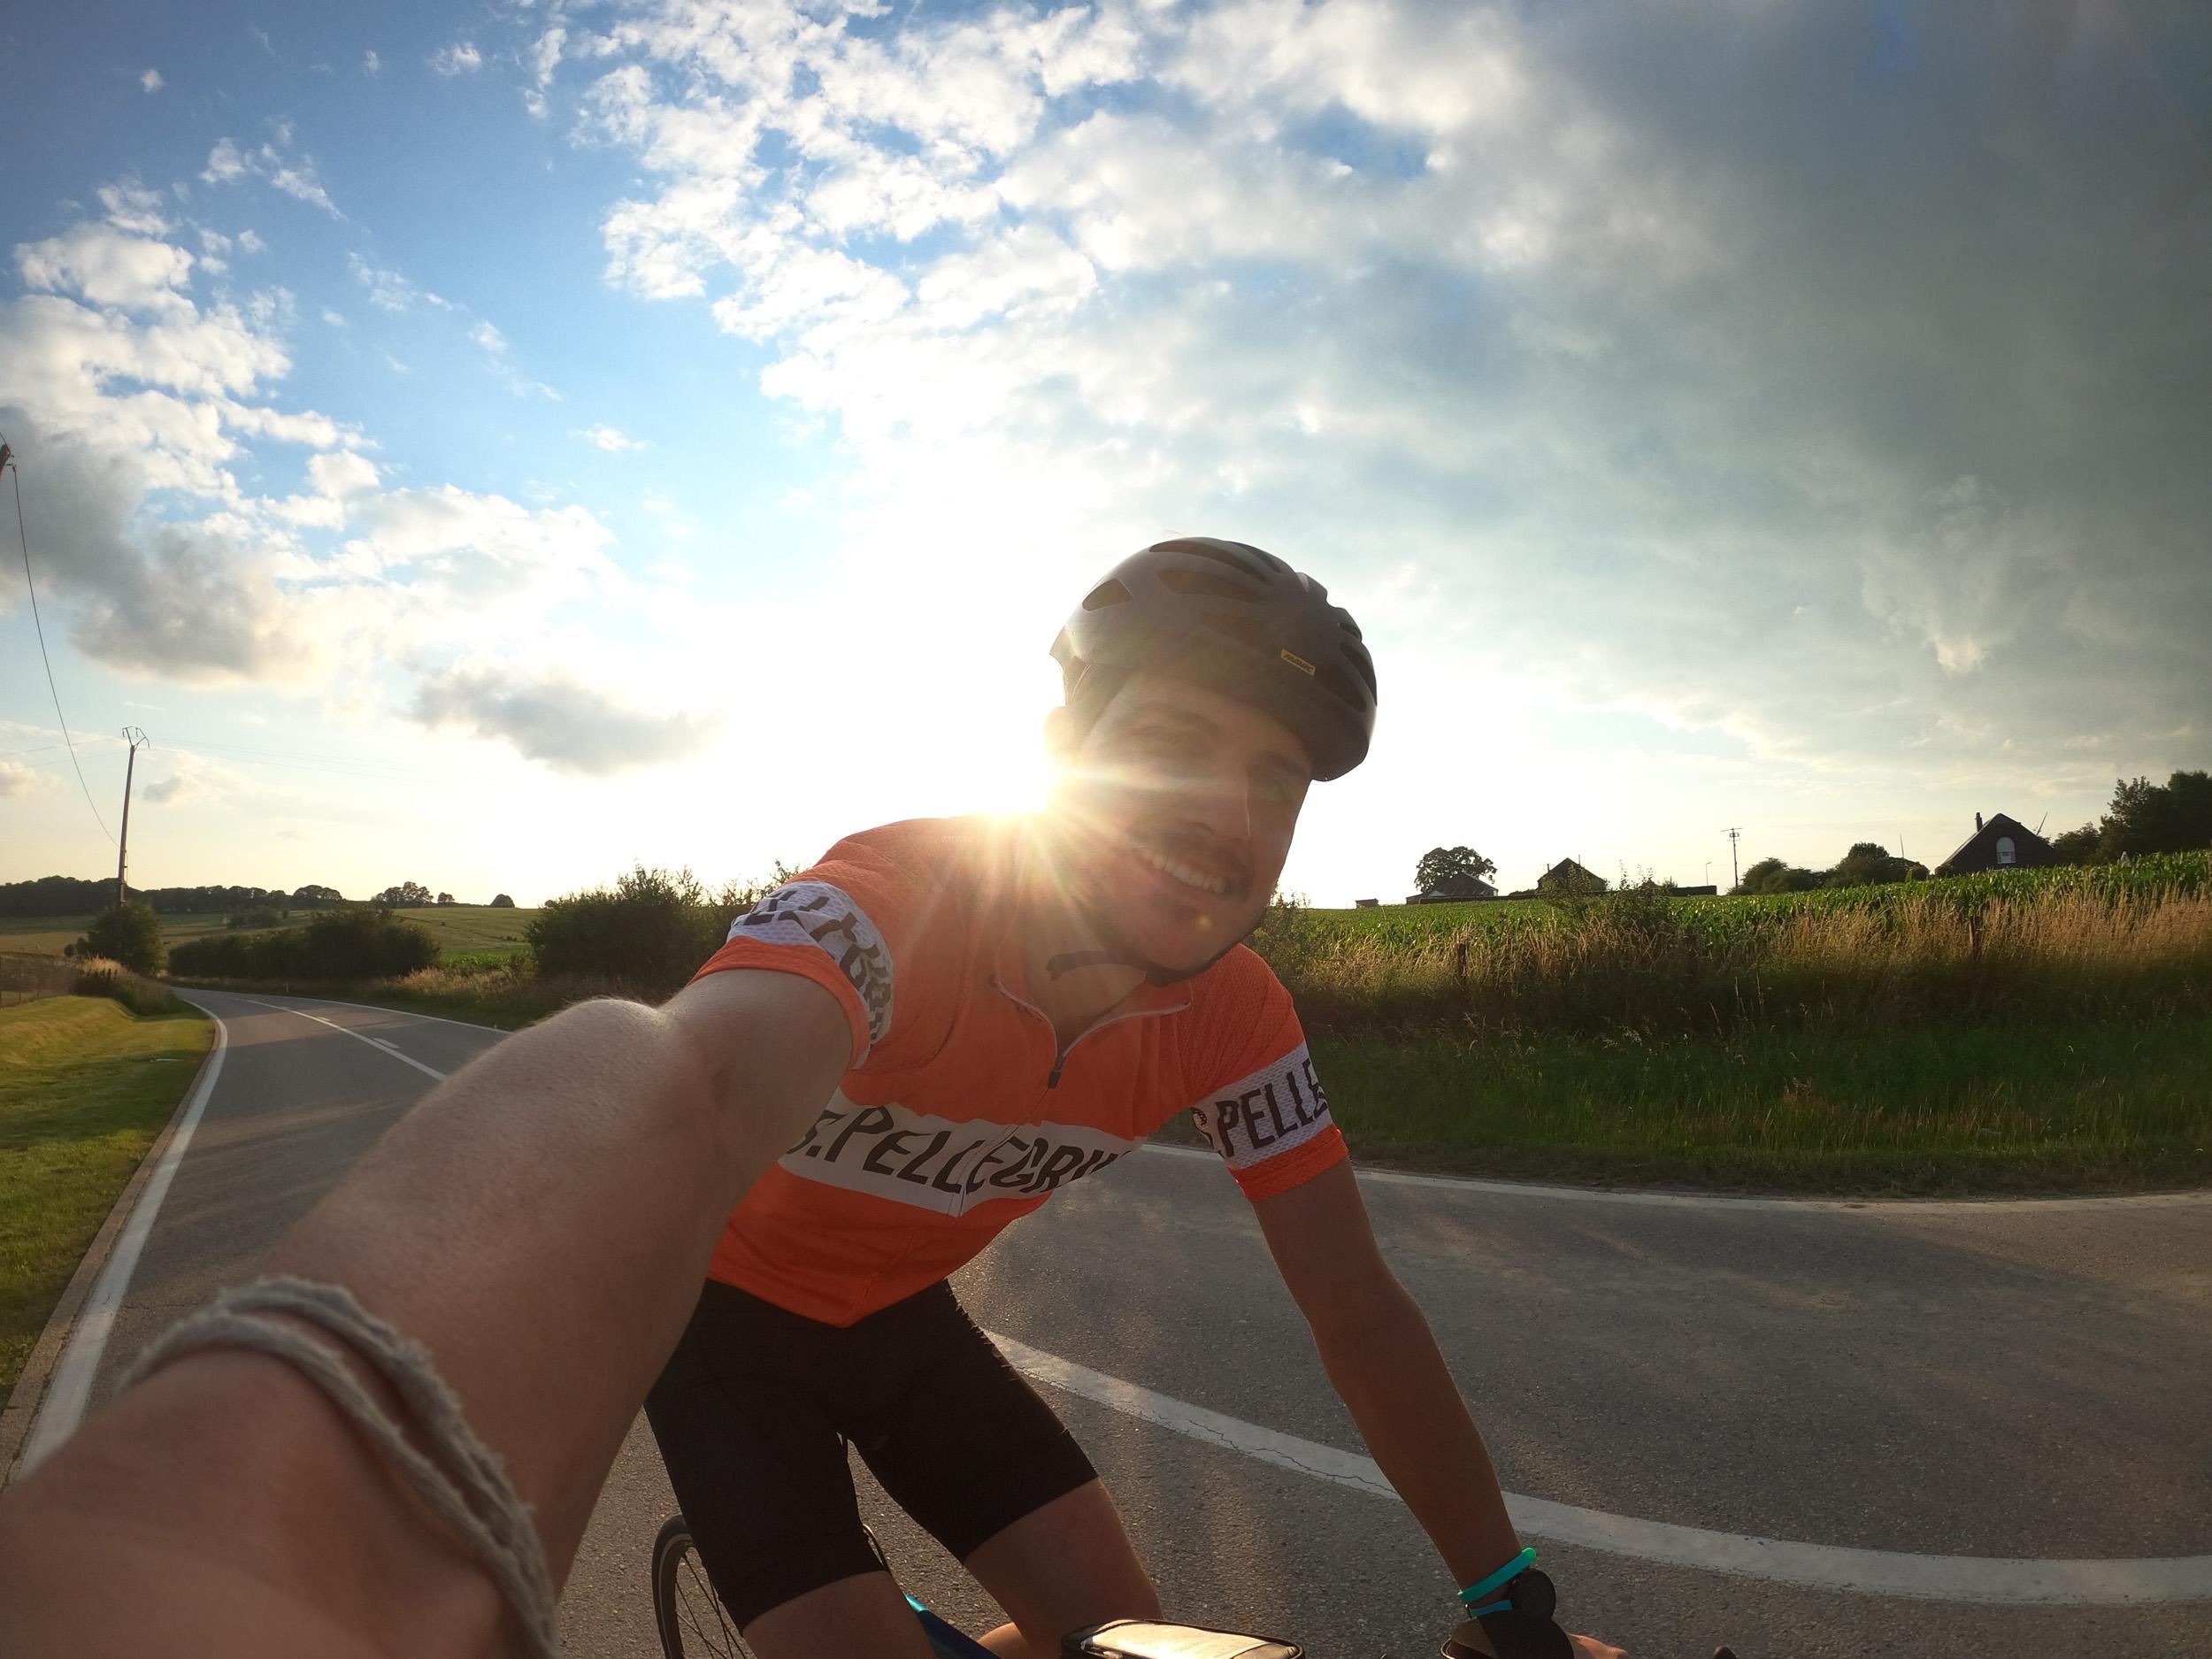 780 km  de bike-packing en 3 jours : J'enchaine Bastogne-Liège, Flèche Wallonne et le Tour des Flandres